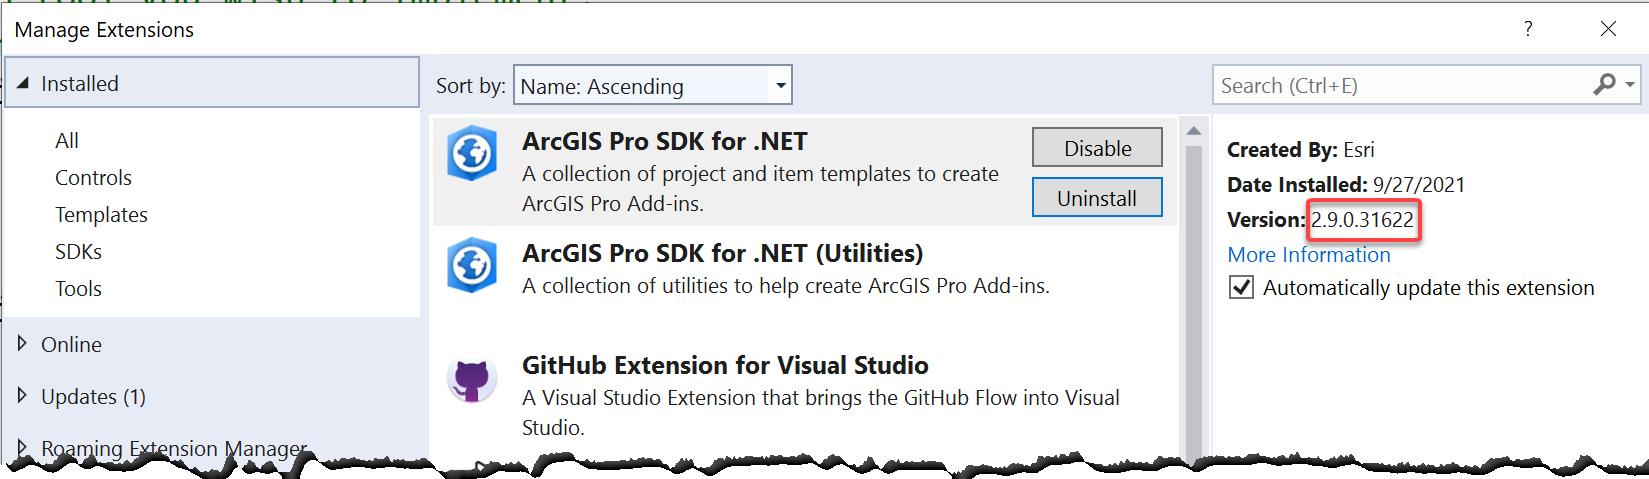 ProGuide Installation and Upgrade · Esri/arcgis-pro-sdk Wiki